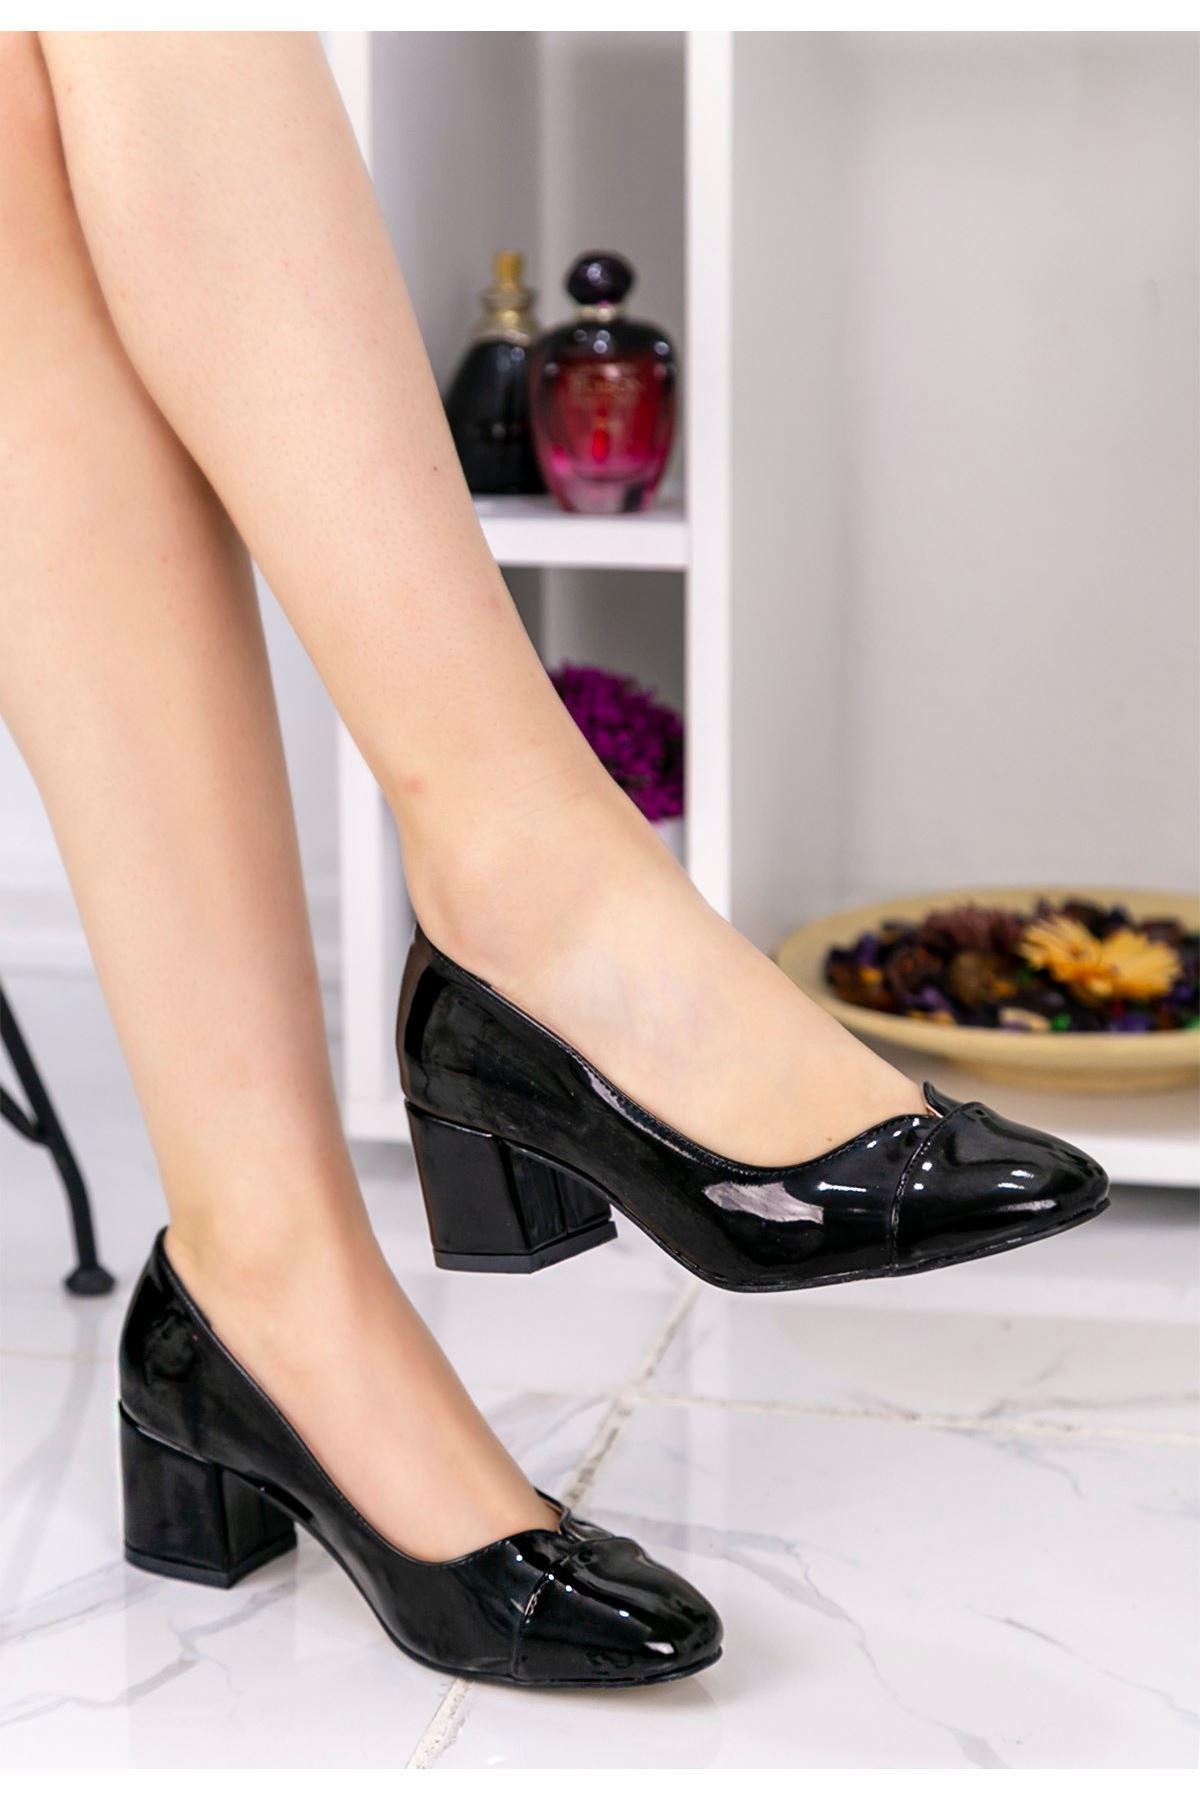 Shana Siyah Rugan Topuklu Ayakkabı